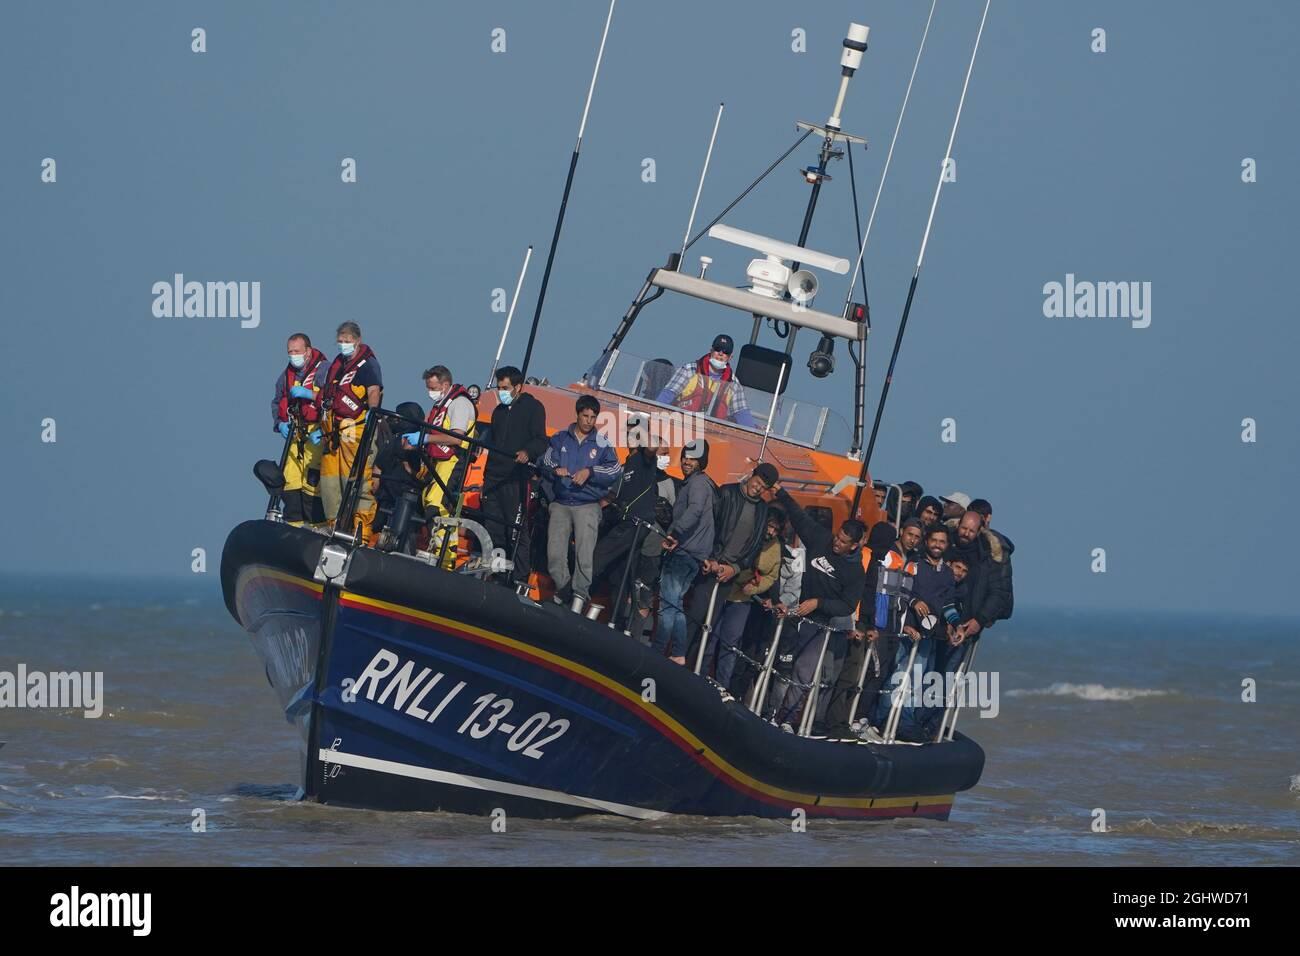 Eine Gruppe von Menschen, die als Migranten gelten, wird vom lokalen Rettungsboot in Dungeness in Kent an Land gebracht, nachdem sie nach einem Vorfall mit einem kleinen Boot im Kanal abgeholt wurde. Bilddatum: Dienstag, 7. September 2021. Stockfoto